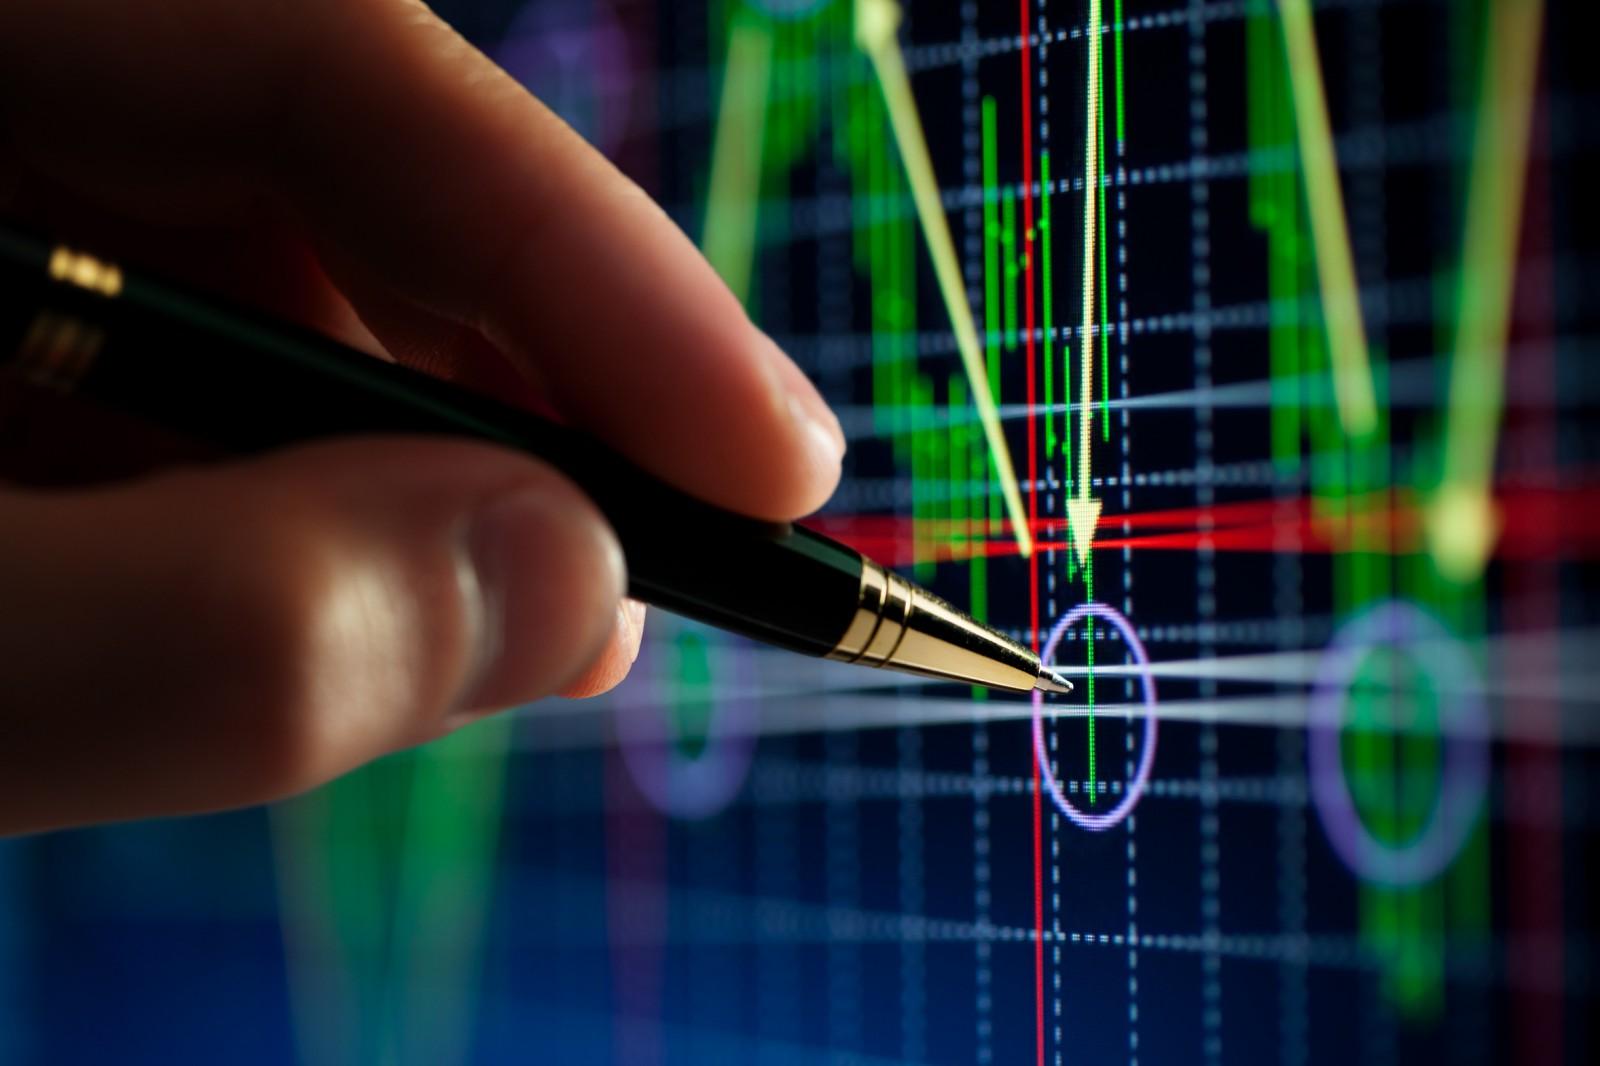 В Weiss Ratings назвали четыре криптовалюты, в которые категорически не стоит инвестировать